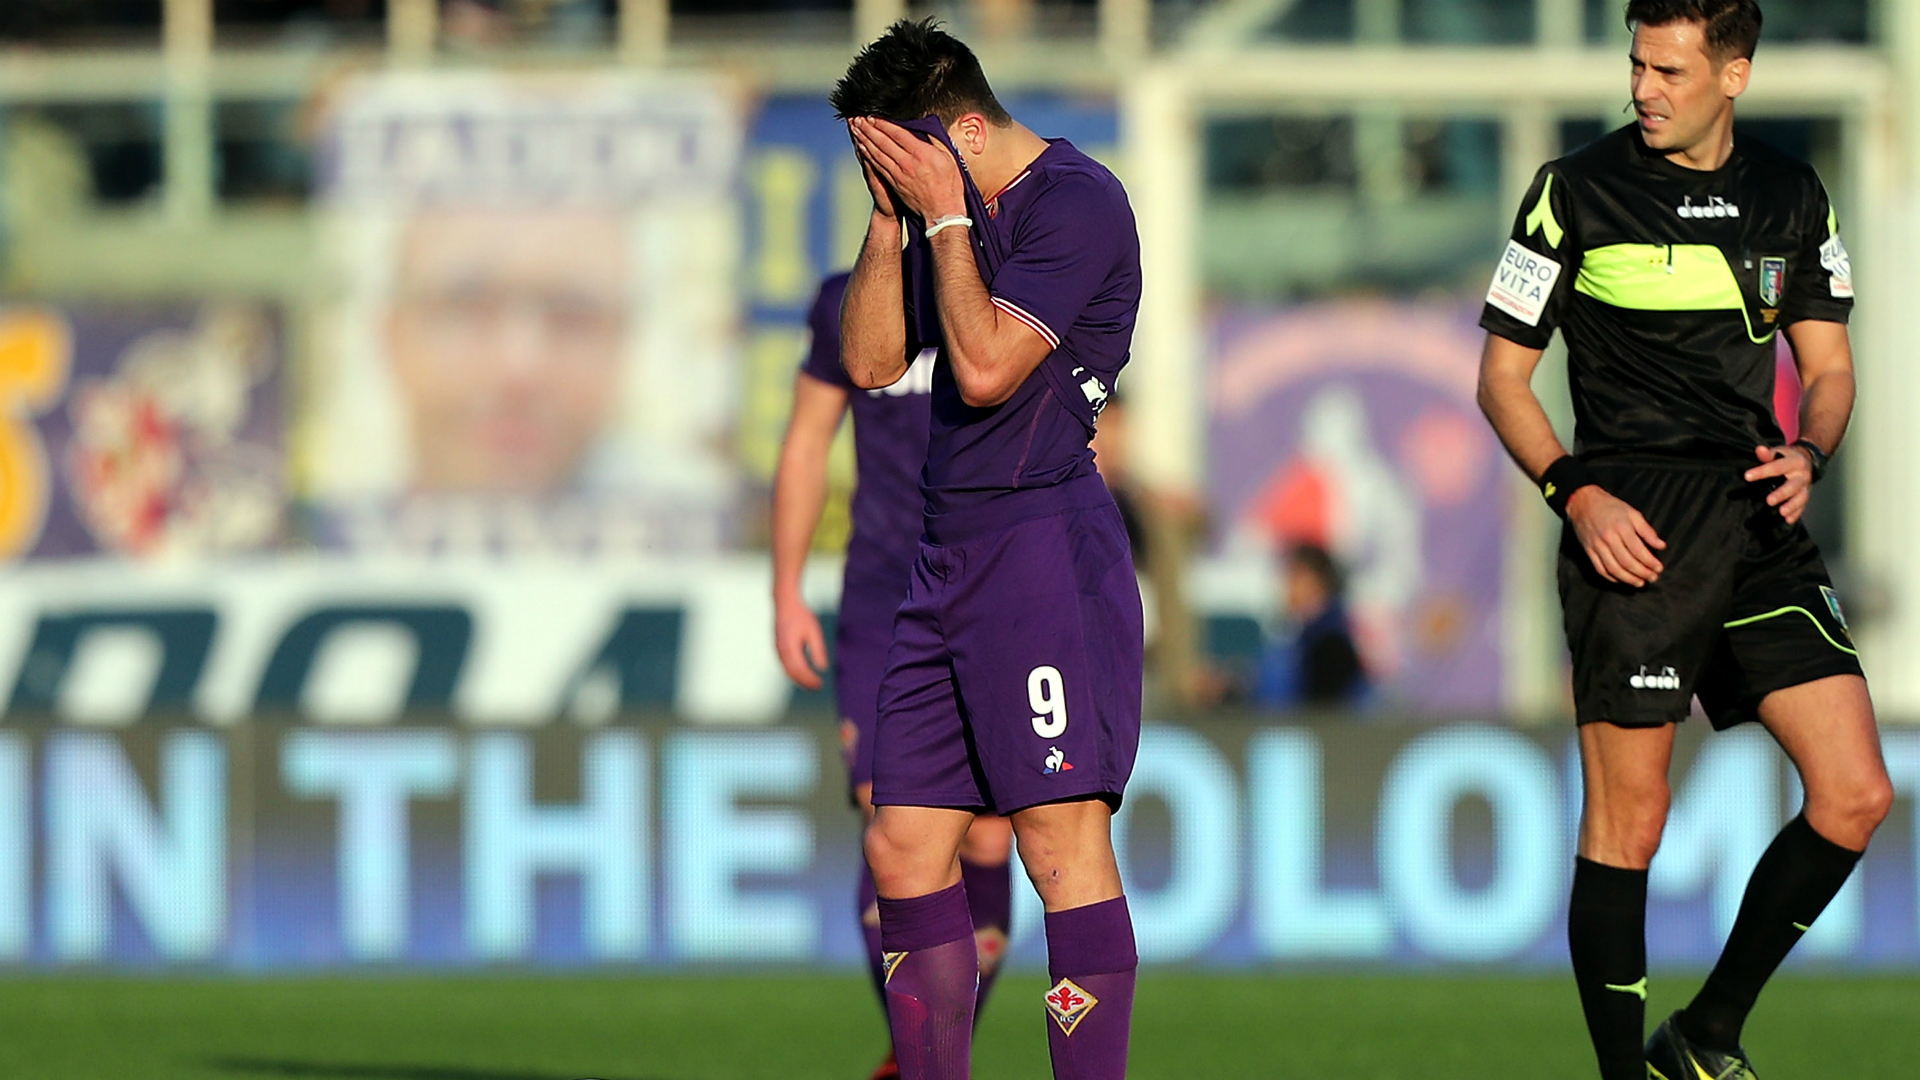 Disastro Fiorentina, esplode la contestazione fuori dallo stadio